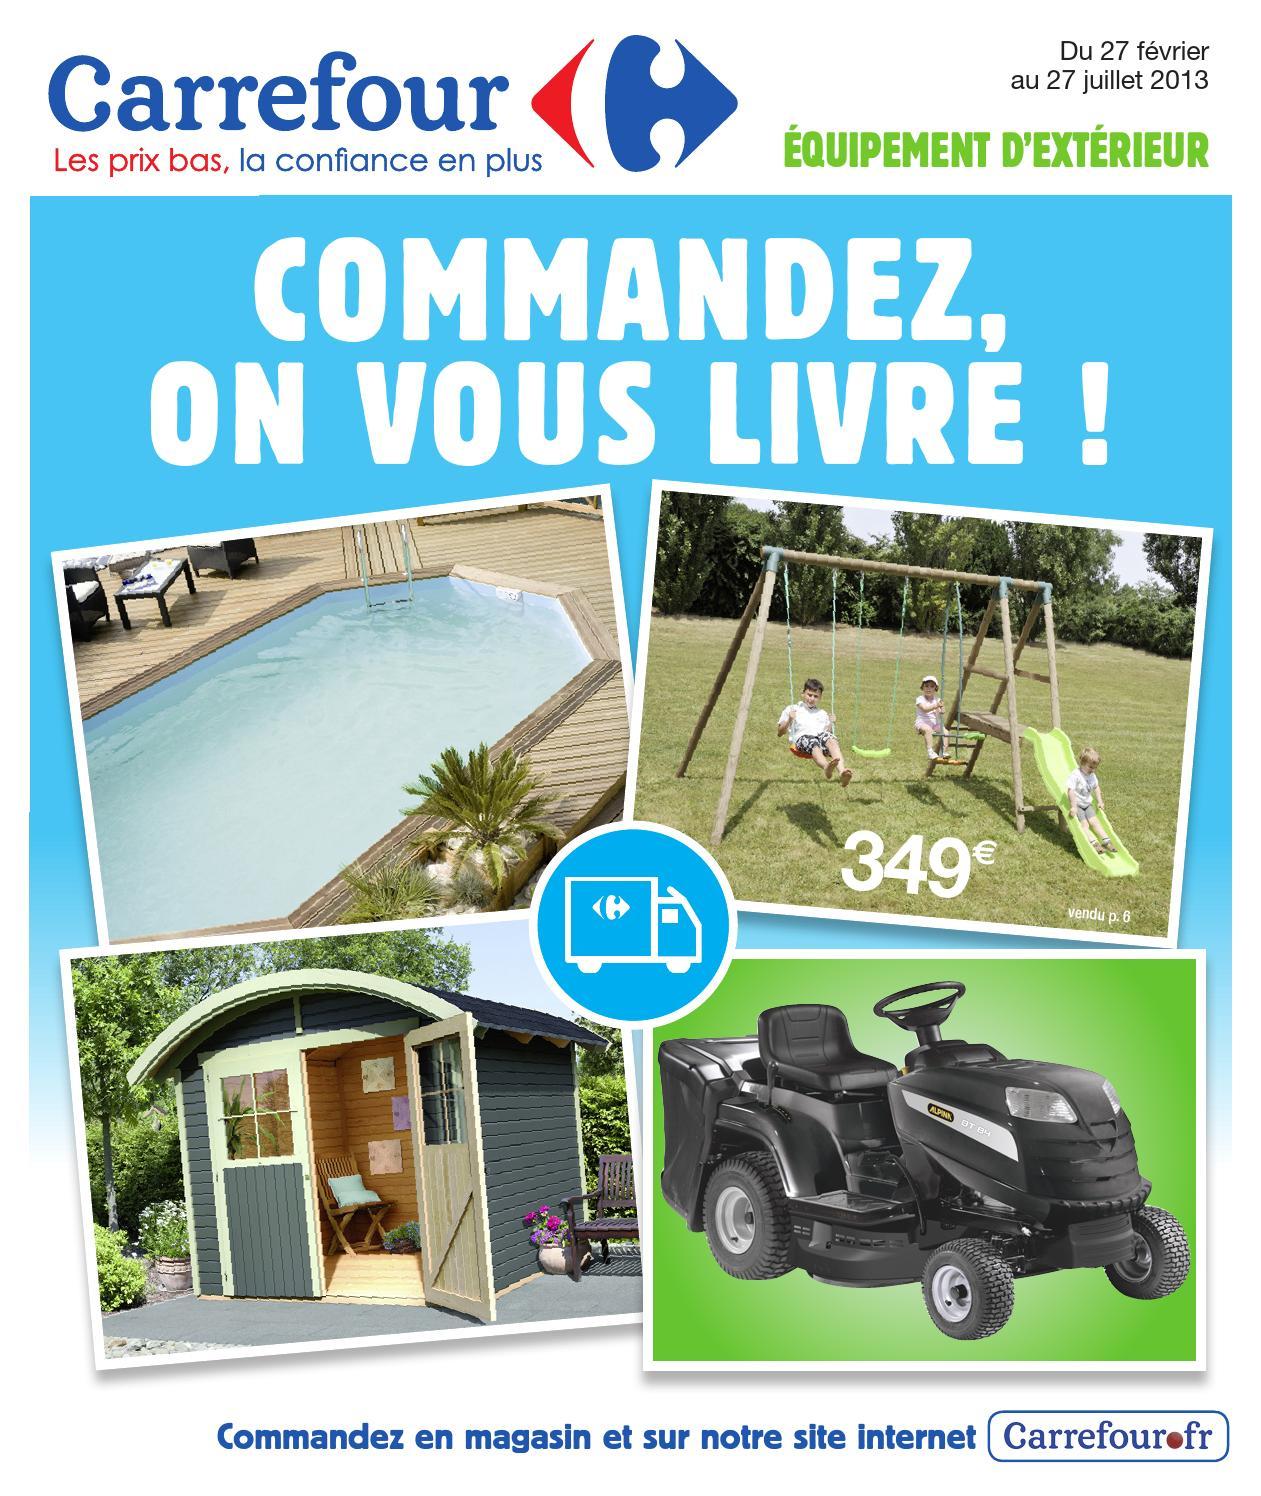 Catalogue Carrefour Commandez On Vous Livre By Pro ... tout Carrefour Piscine Hors Sol